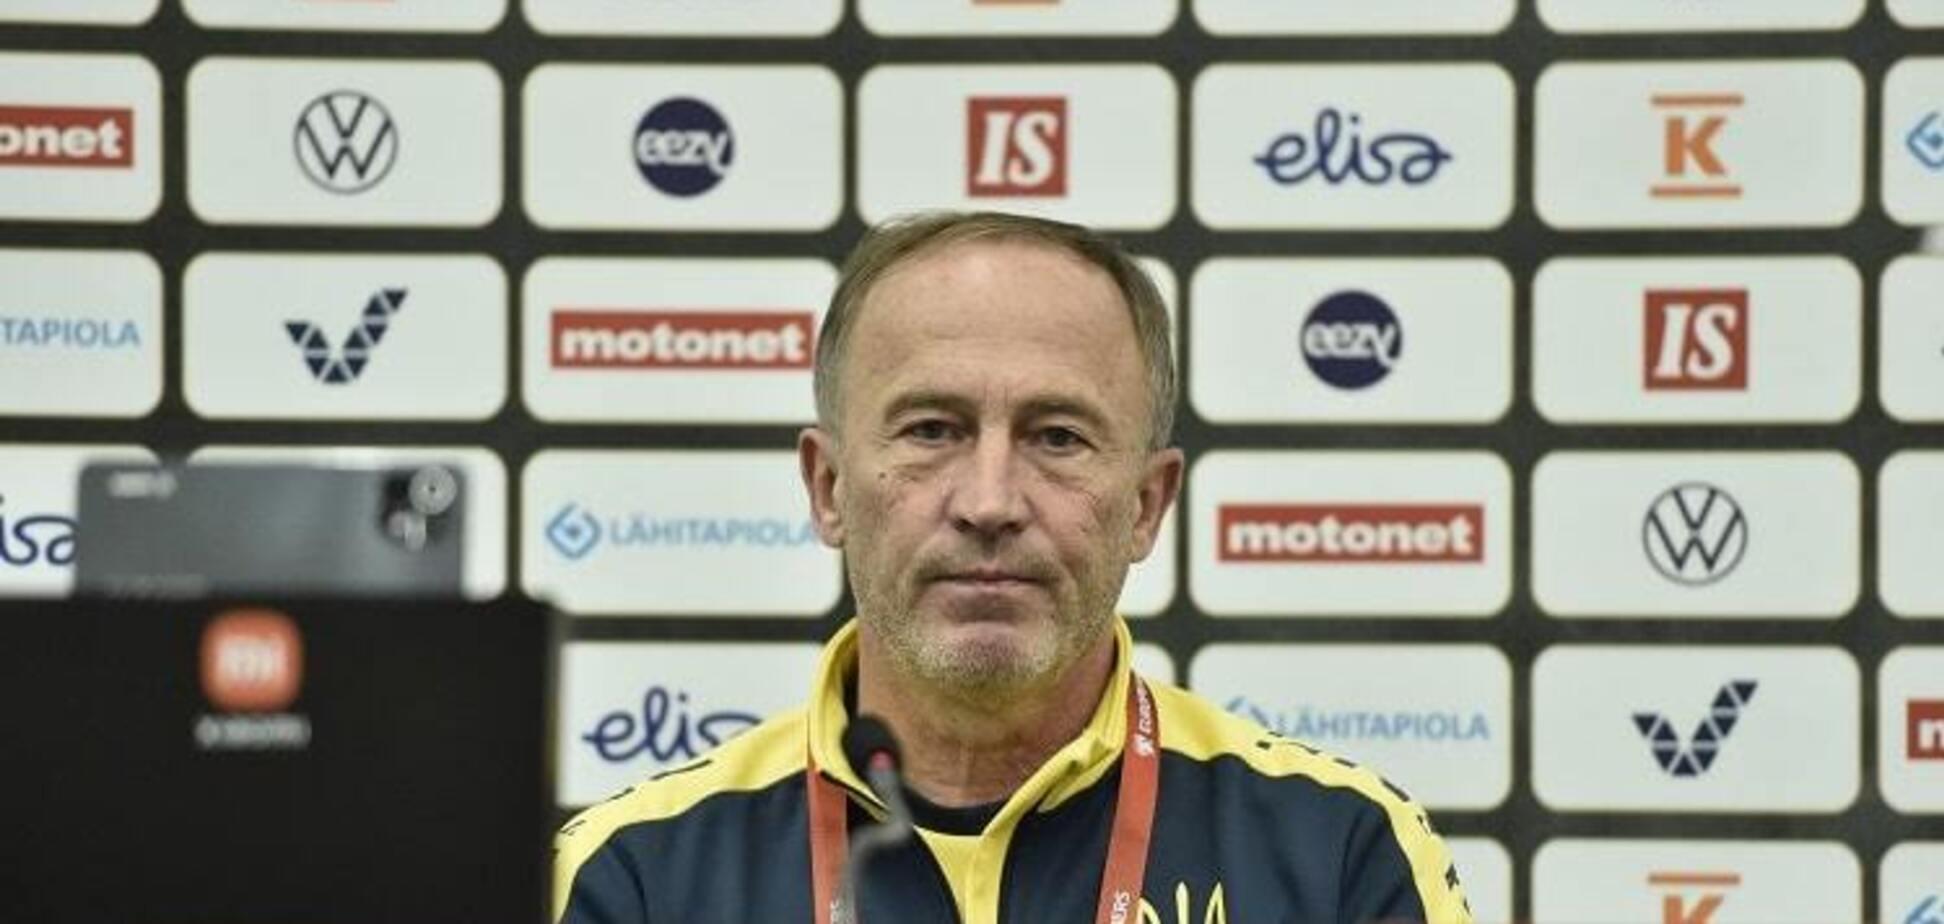 Петраков відзначився дивною поведінкою на пресконференції перед матчем із Фінляндією. Відео